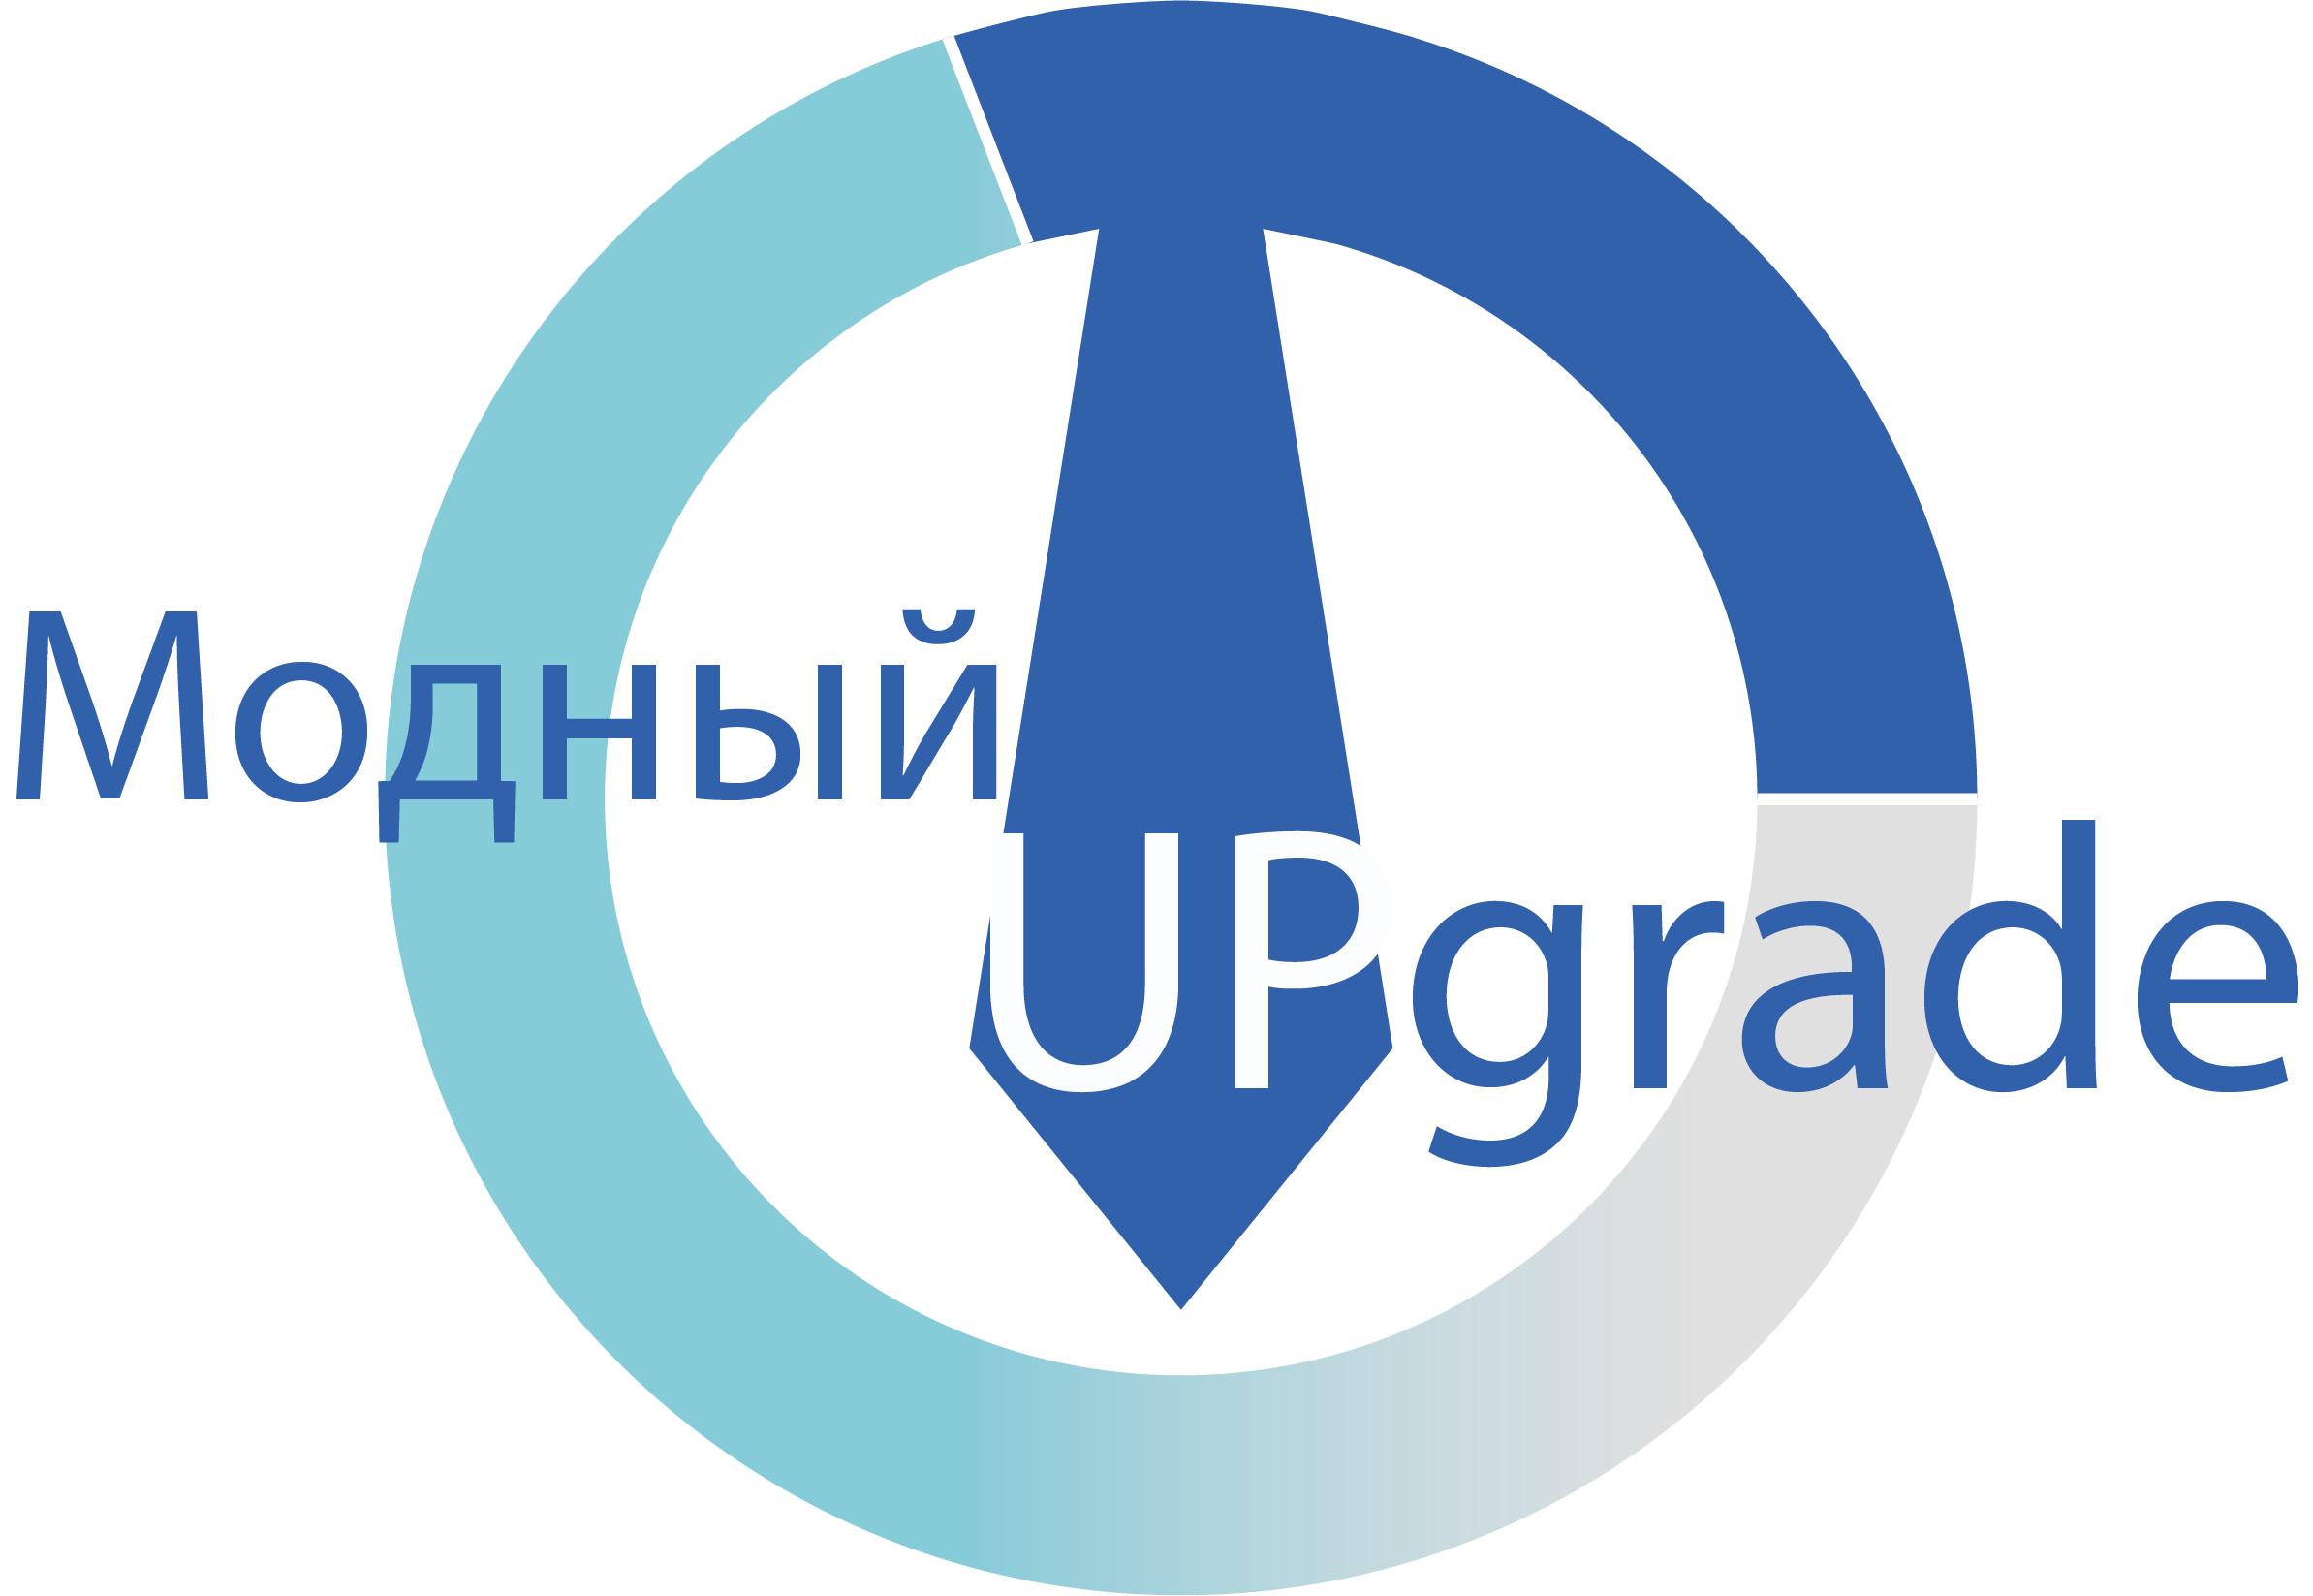 """Логотип интернет магазина """"Модный UPGRADE"""" фото f_8825943759443a8d.png"""